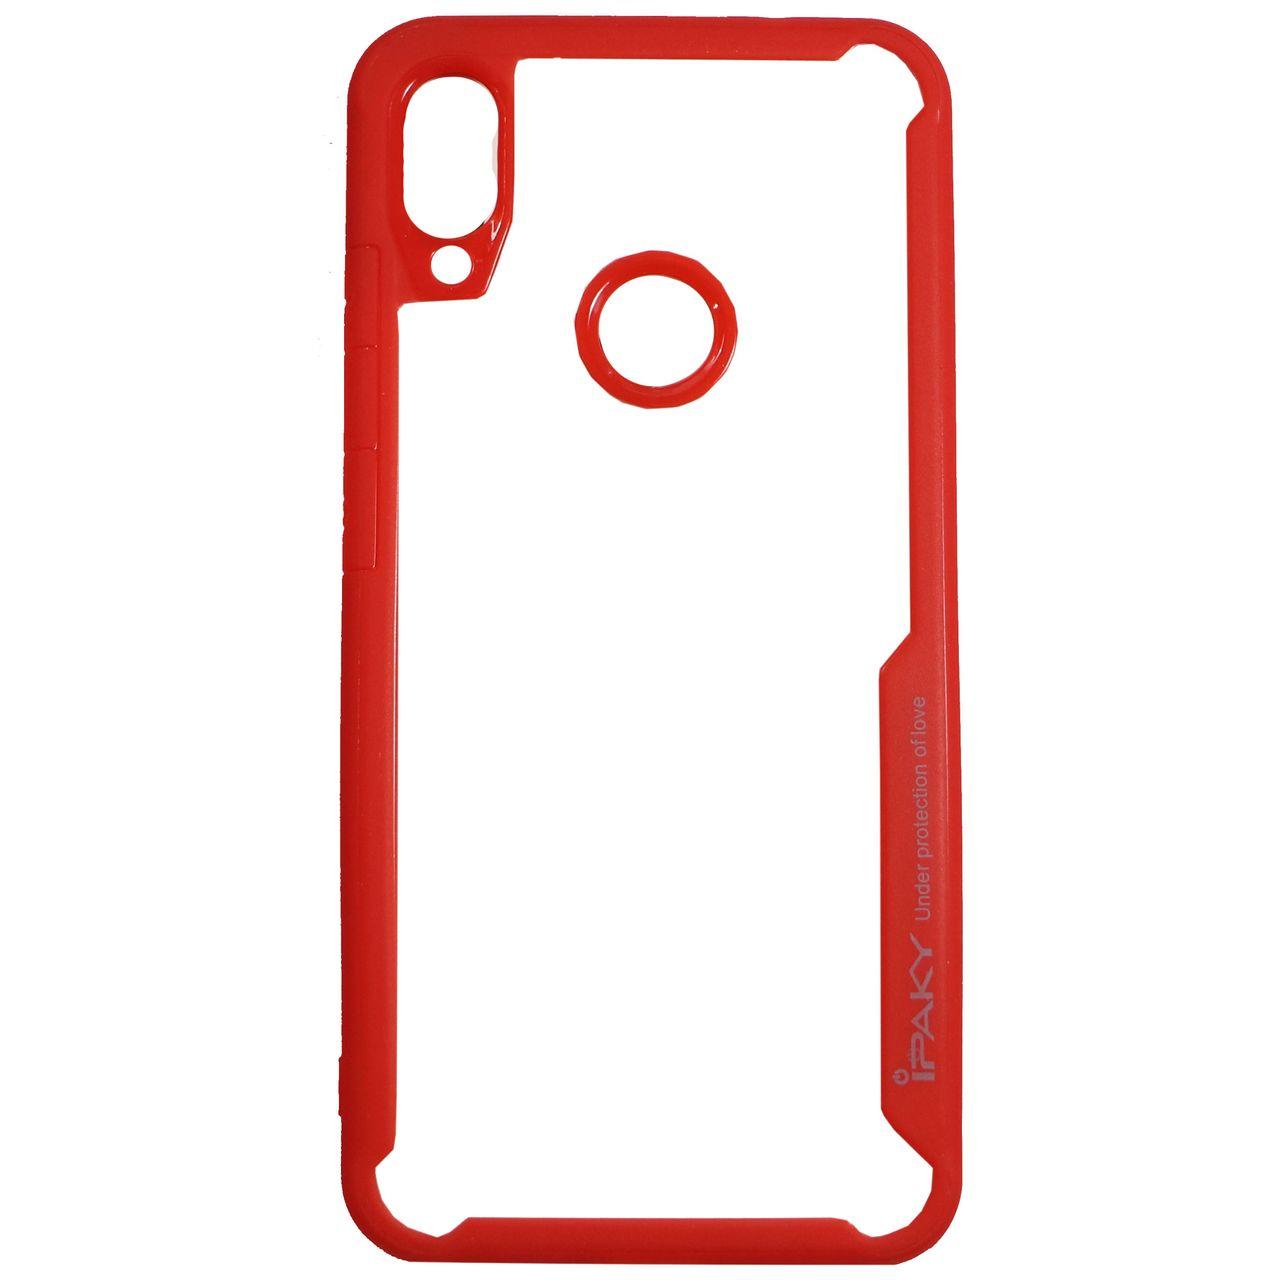 کاور مدل a10 مناسب برای گوشی موبایل شیائومی Redmi Note 7 / Note 7 Pro                     غیر اصل